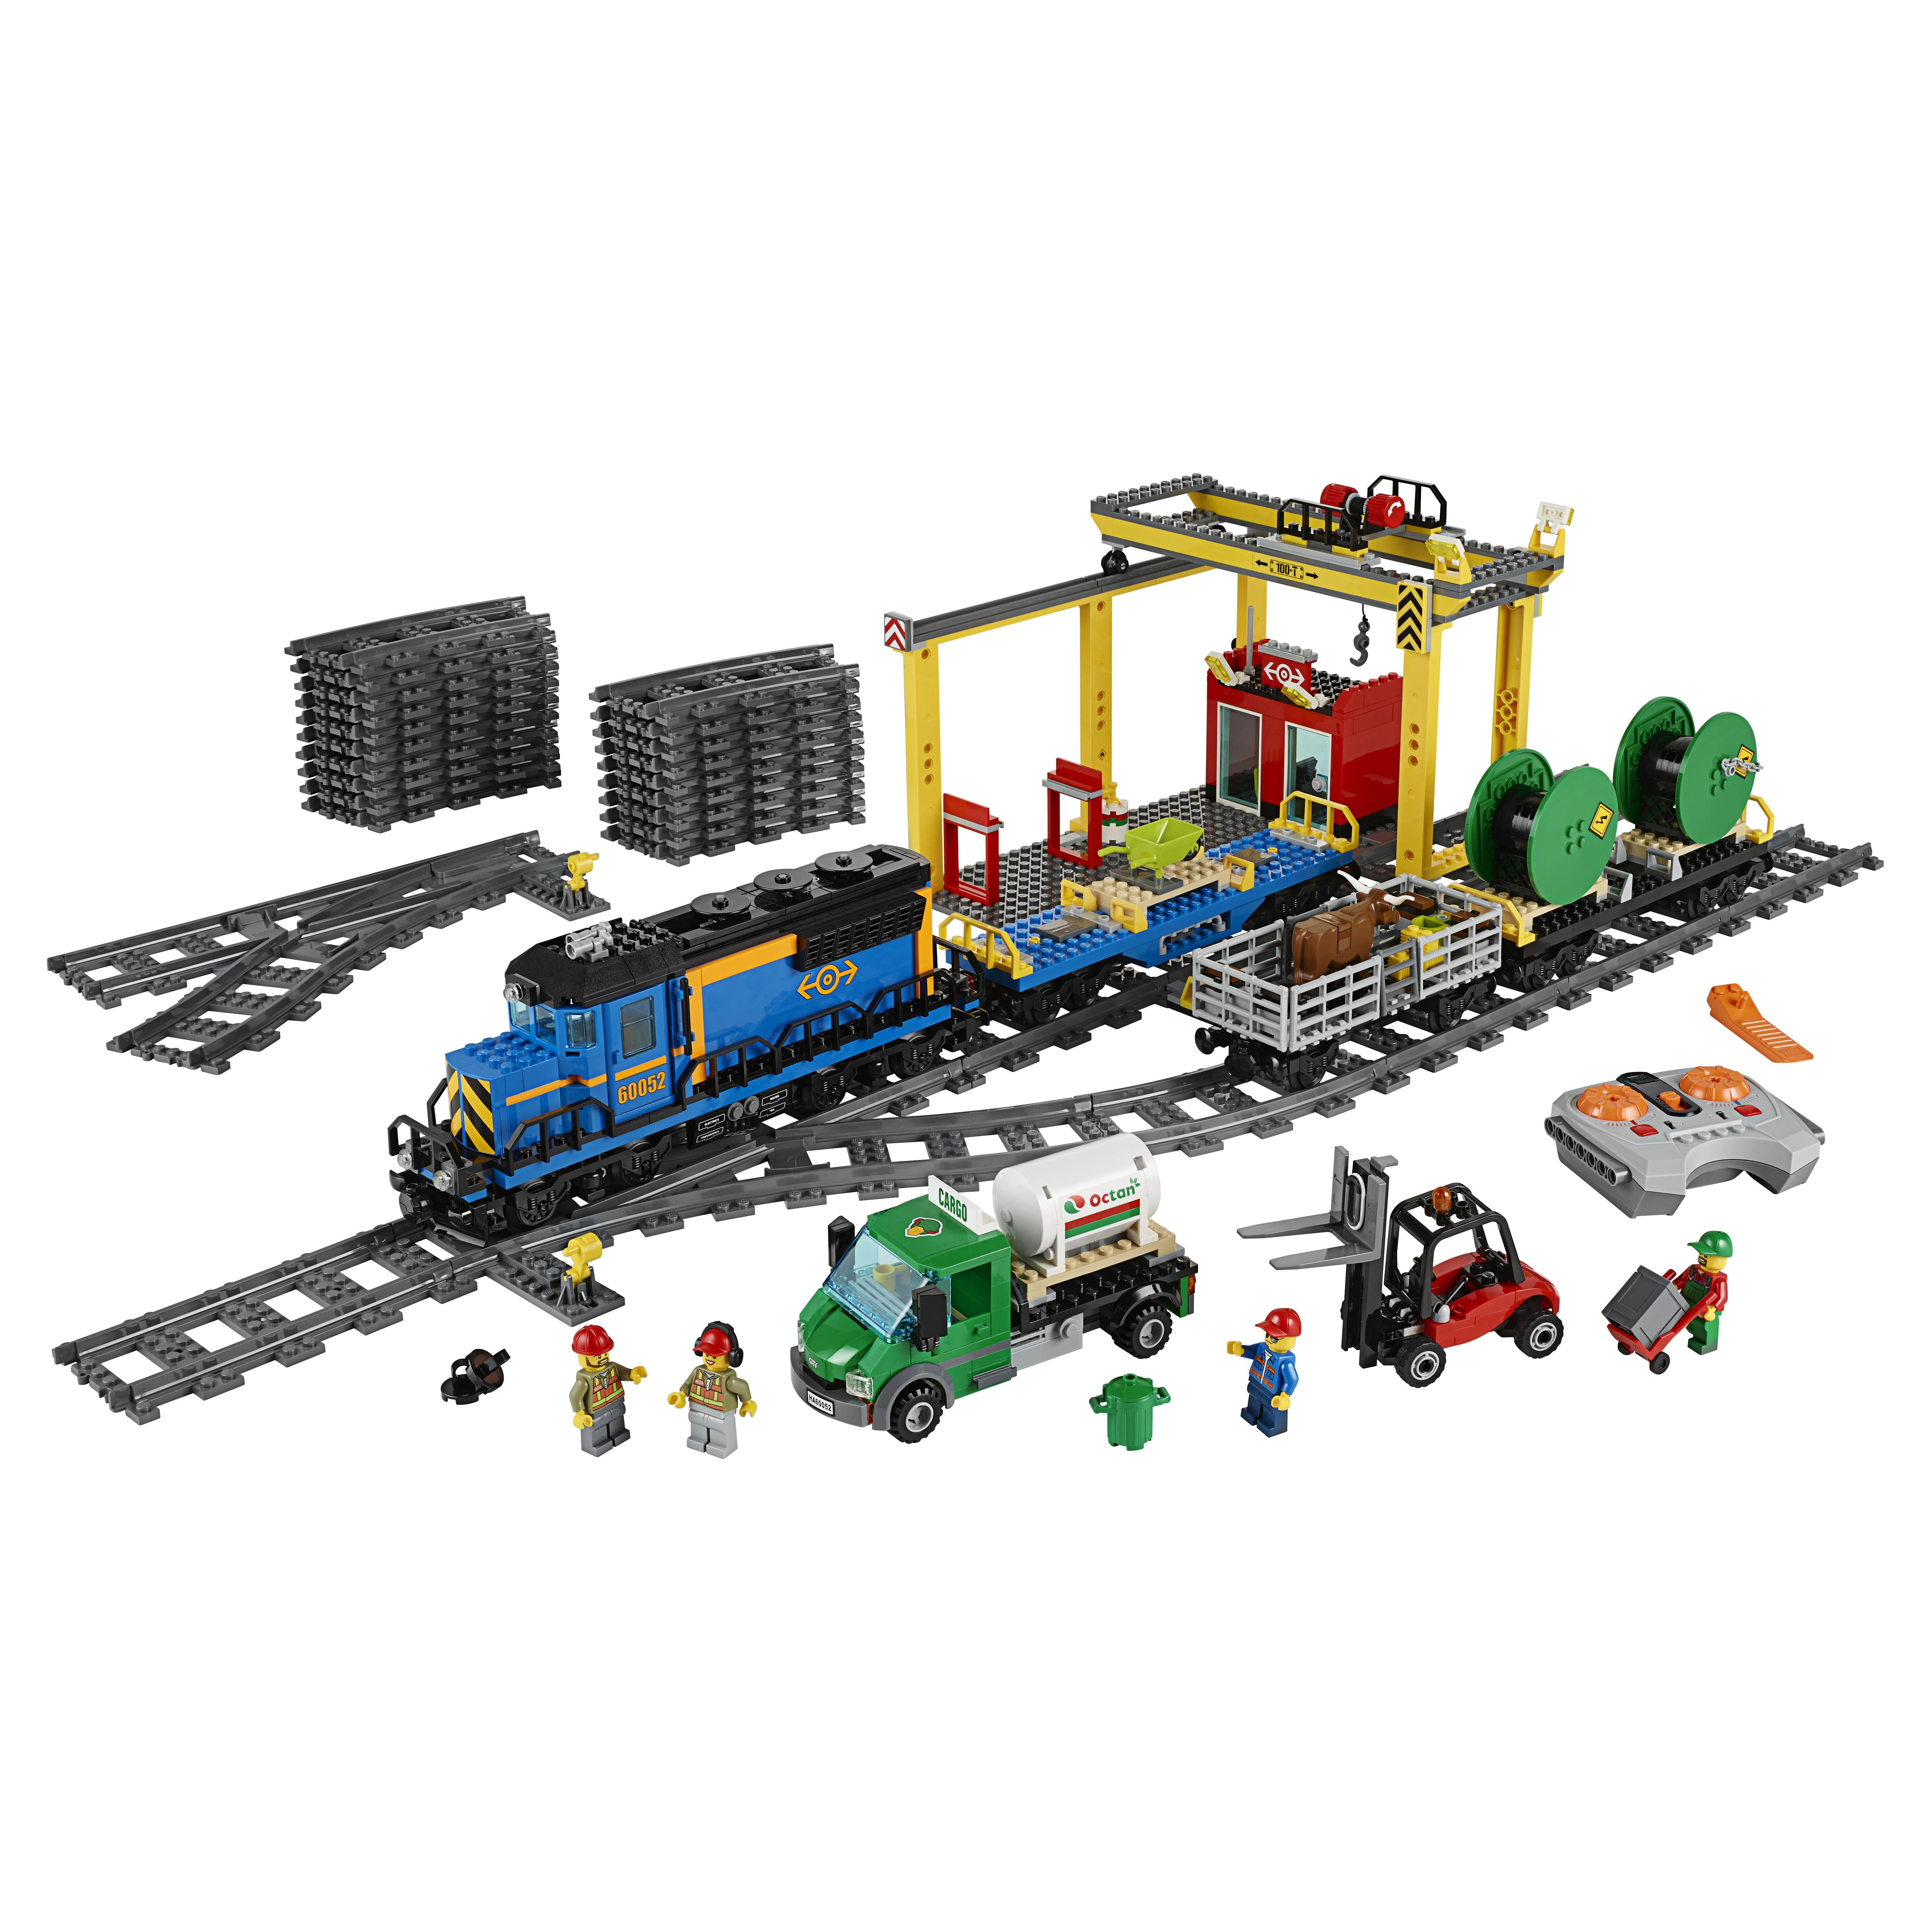 Купить Конструктор lego city trains грузовой поезд 60052, Конструктор LEGO City Trains Грузовой поезд (60052)